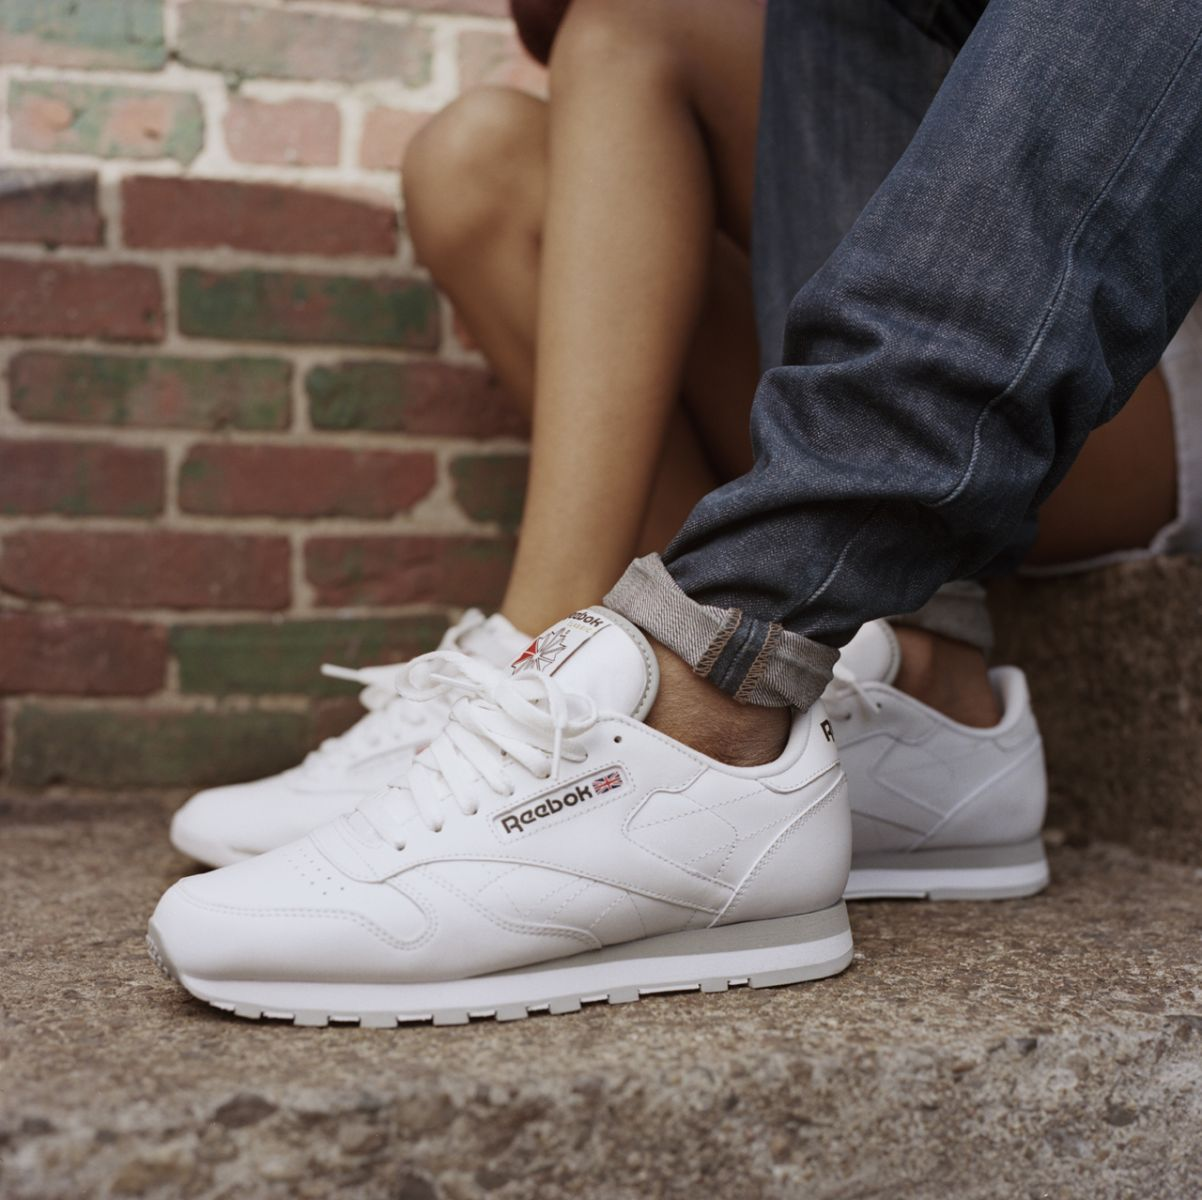 Comprar moda Reebok Classic Leather Hombre Zapatos